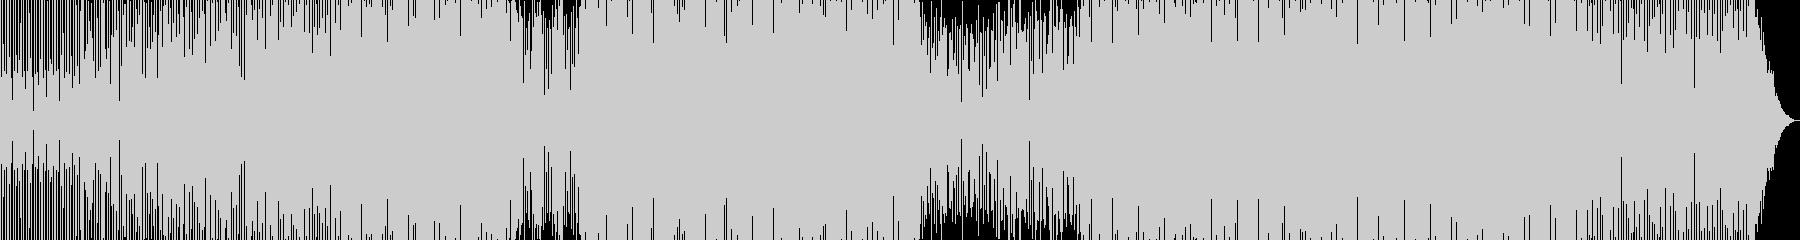 有名な音とラップ、ループされたスピ...の未再生の波形